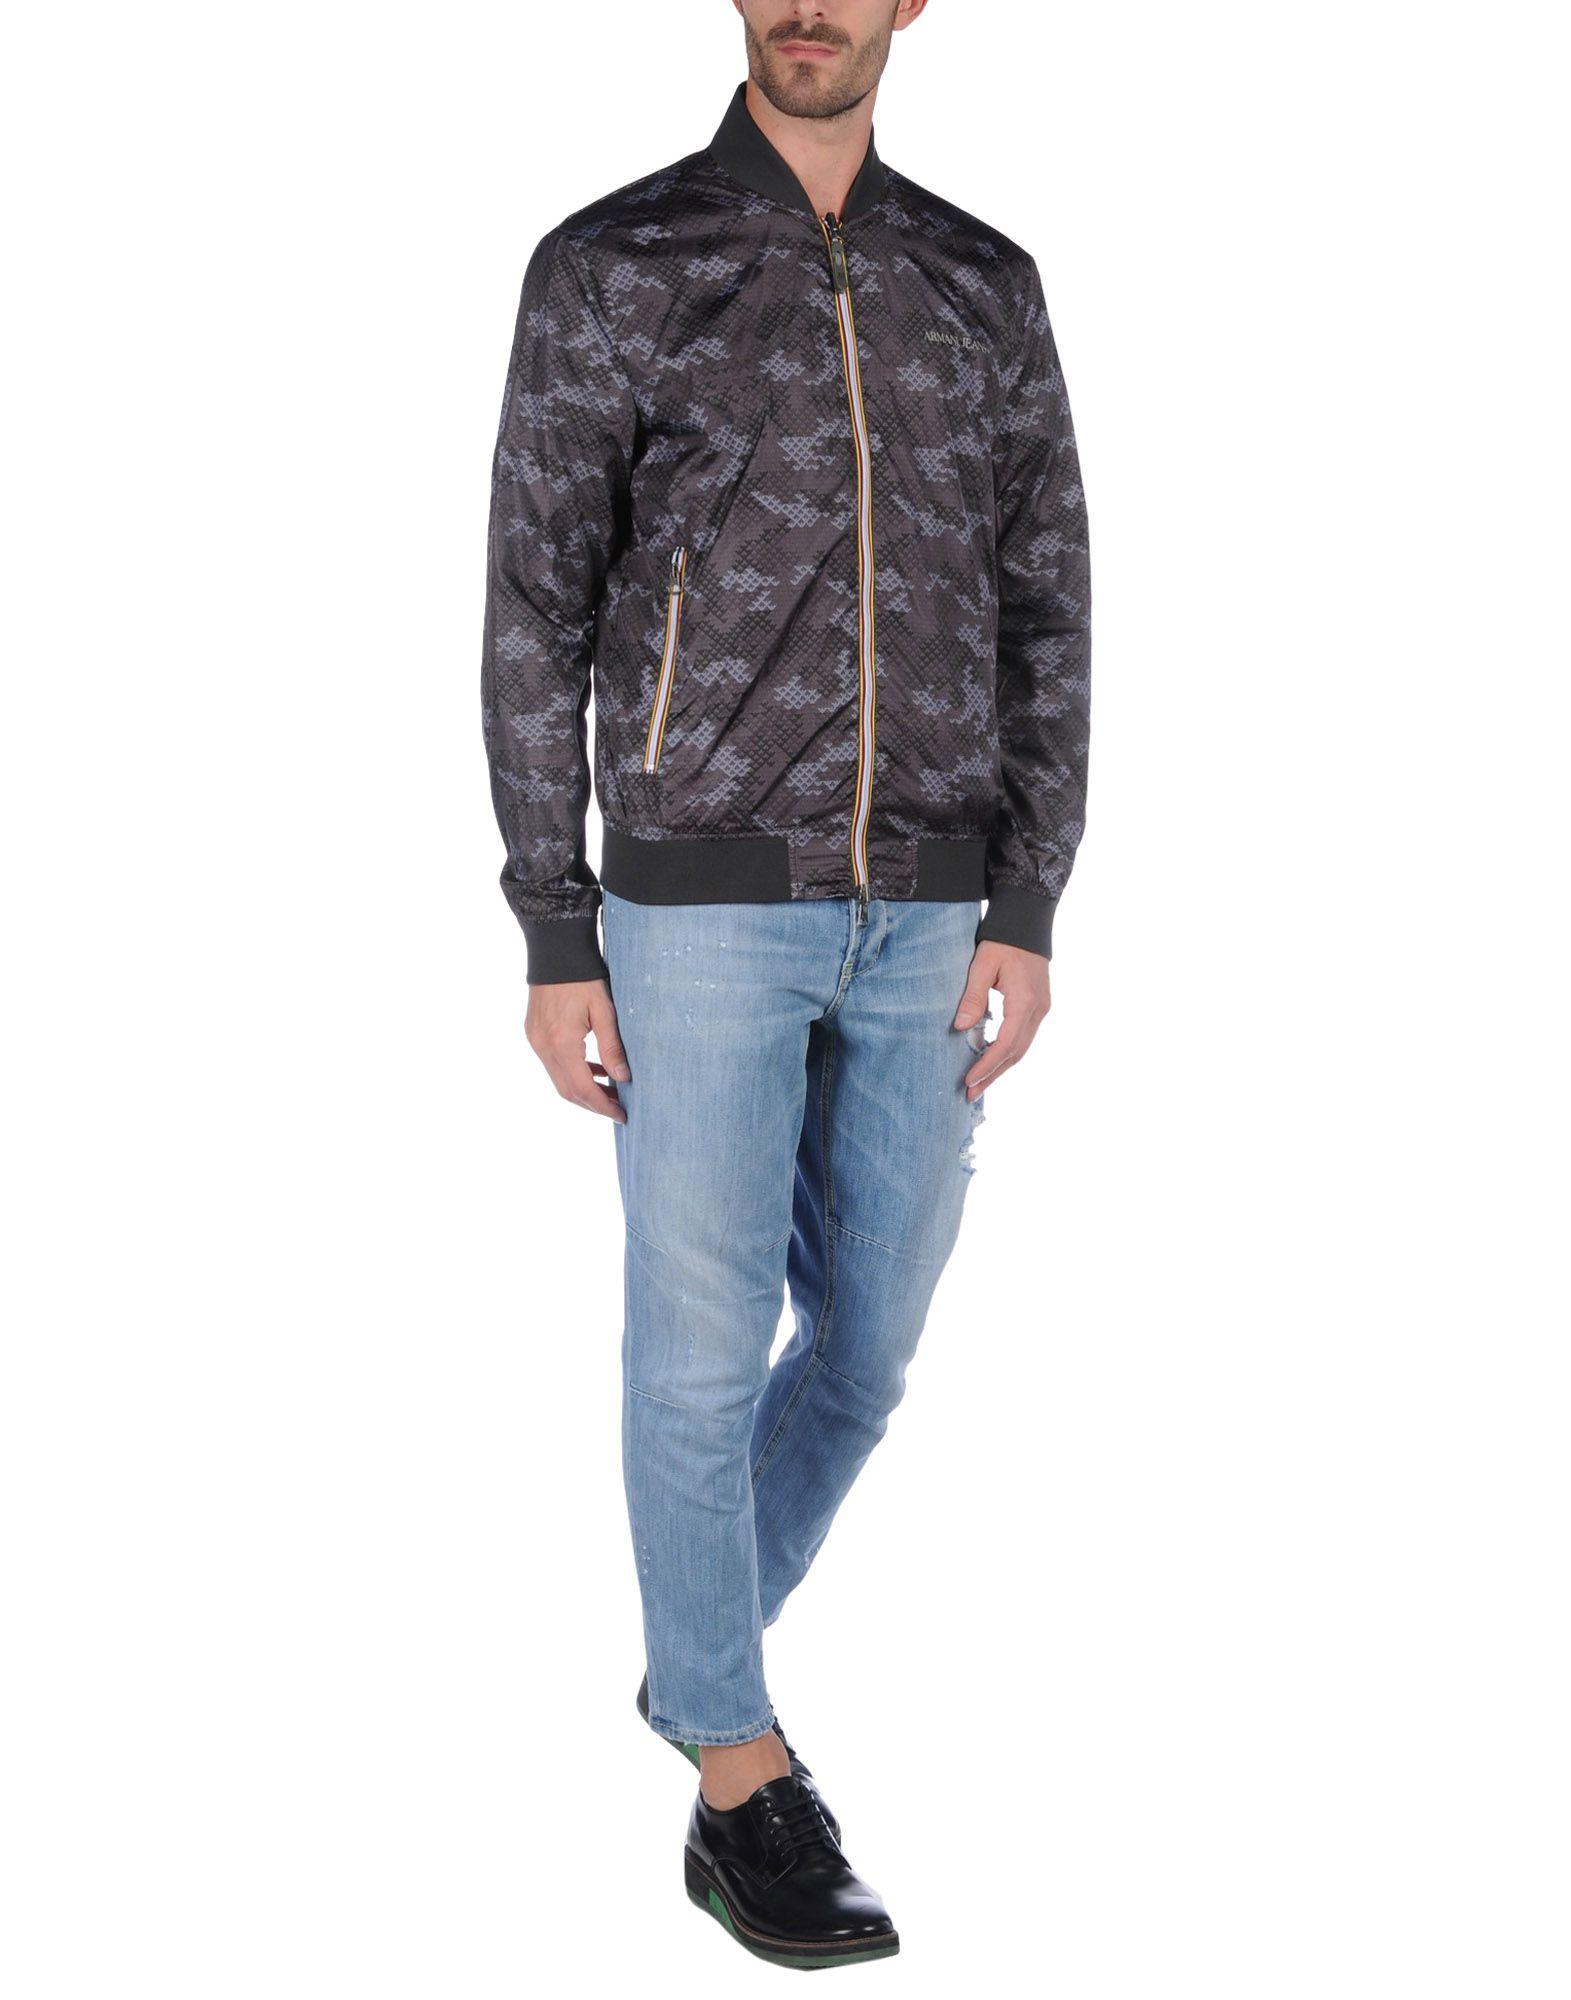 Giubbotto Jeans Armani Jeans Giubbotto Uomo - 41669238FK 983b59